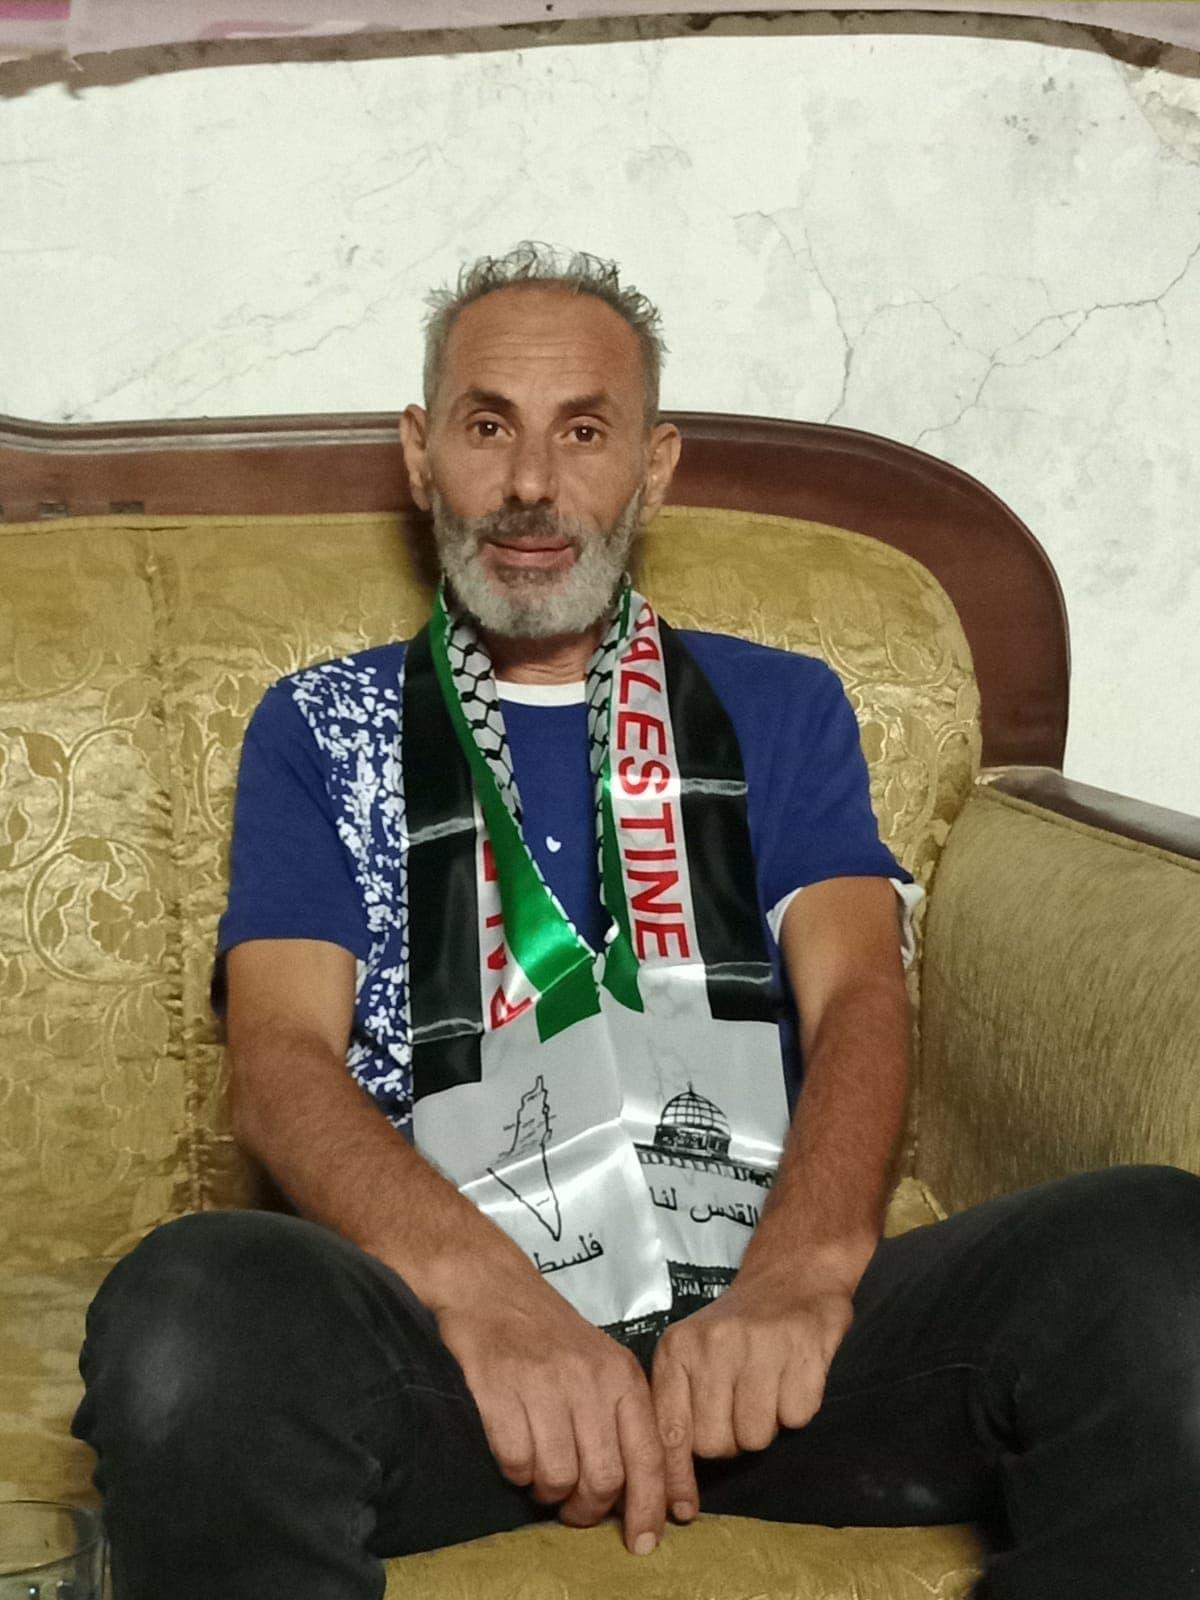 סאלח דיאב, תושב שייח' ג'ראח (צילום: באדיבות המרואיין)